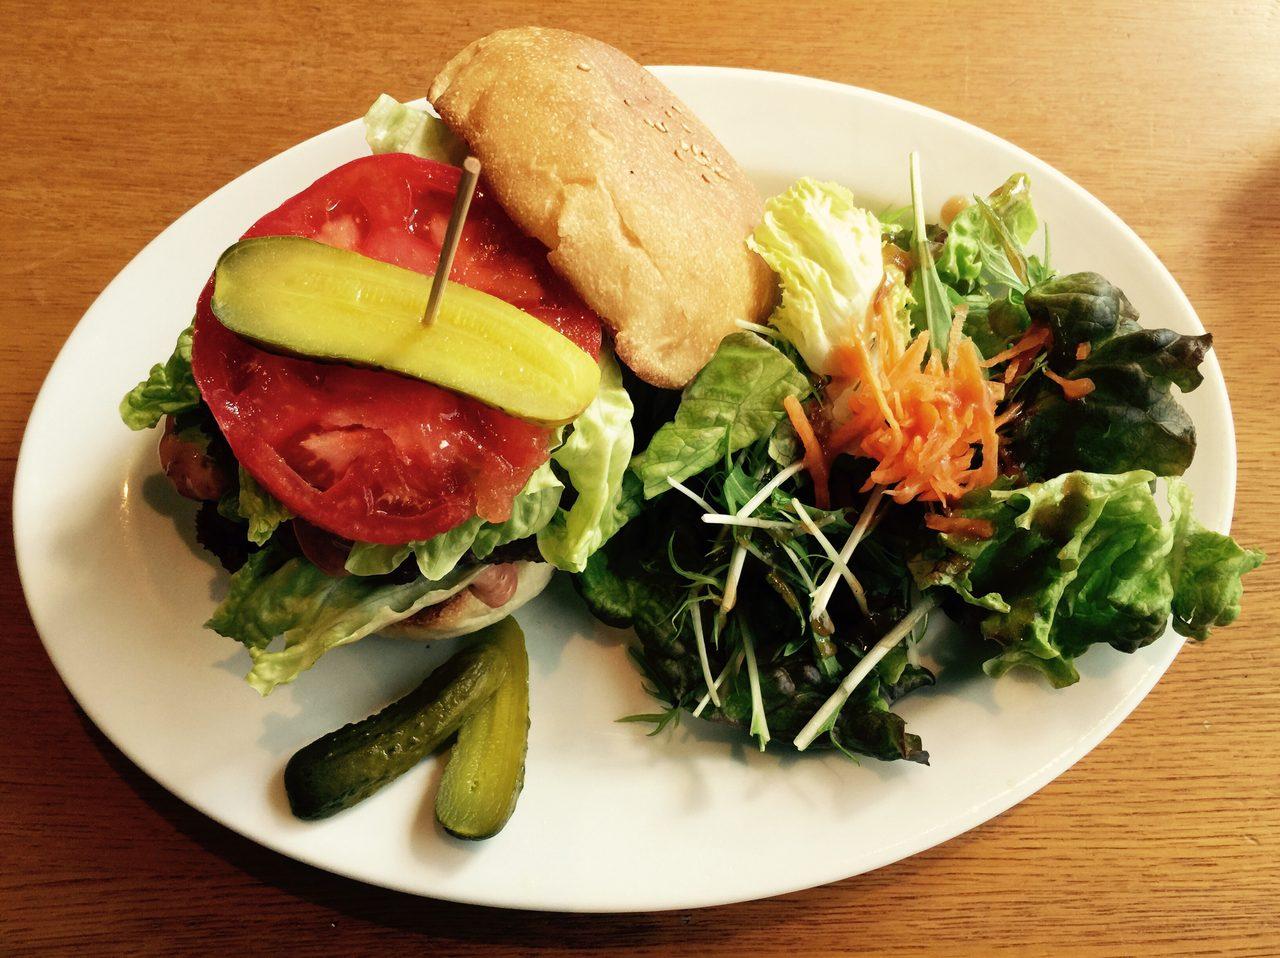 画像: 決めつけてみる。ライダー なぜハンバーガーが好きなのか?